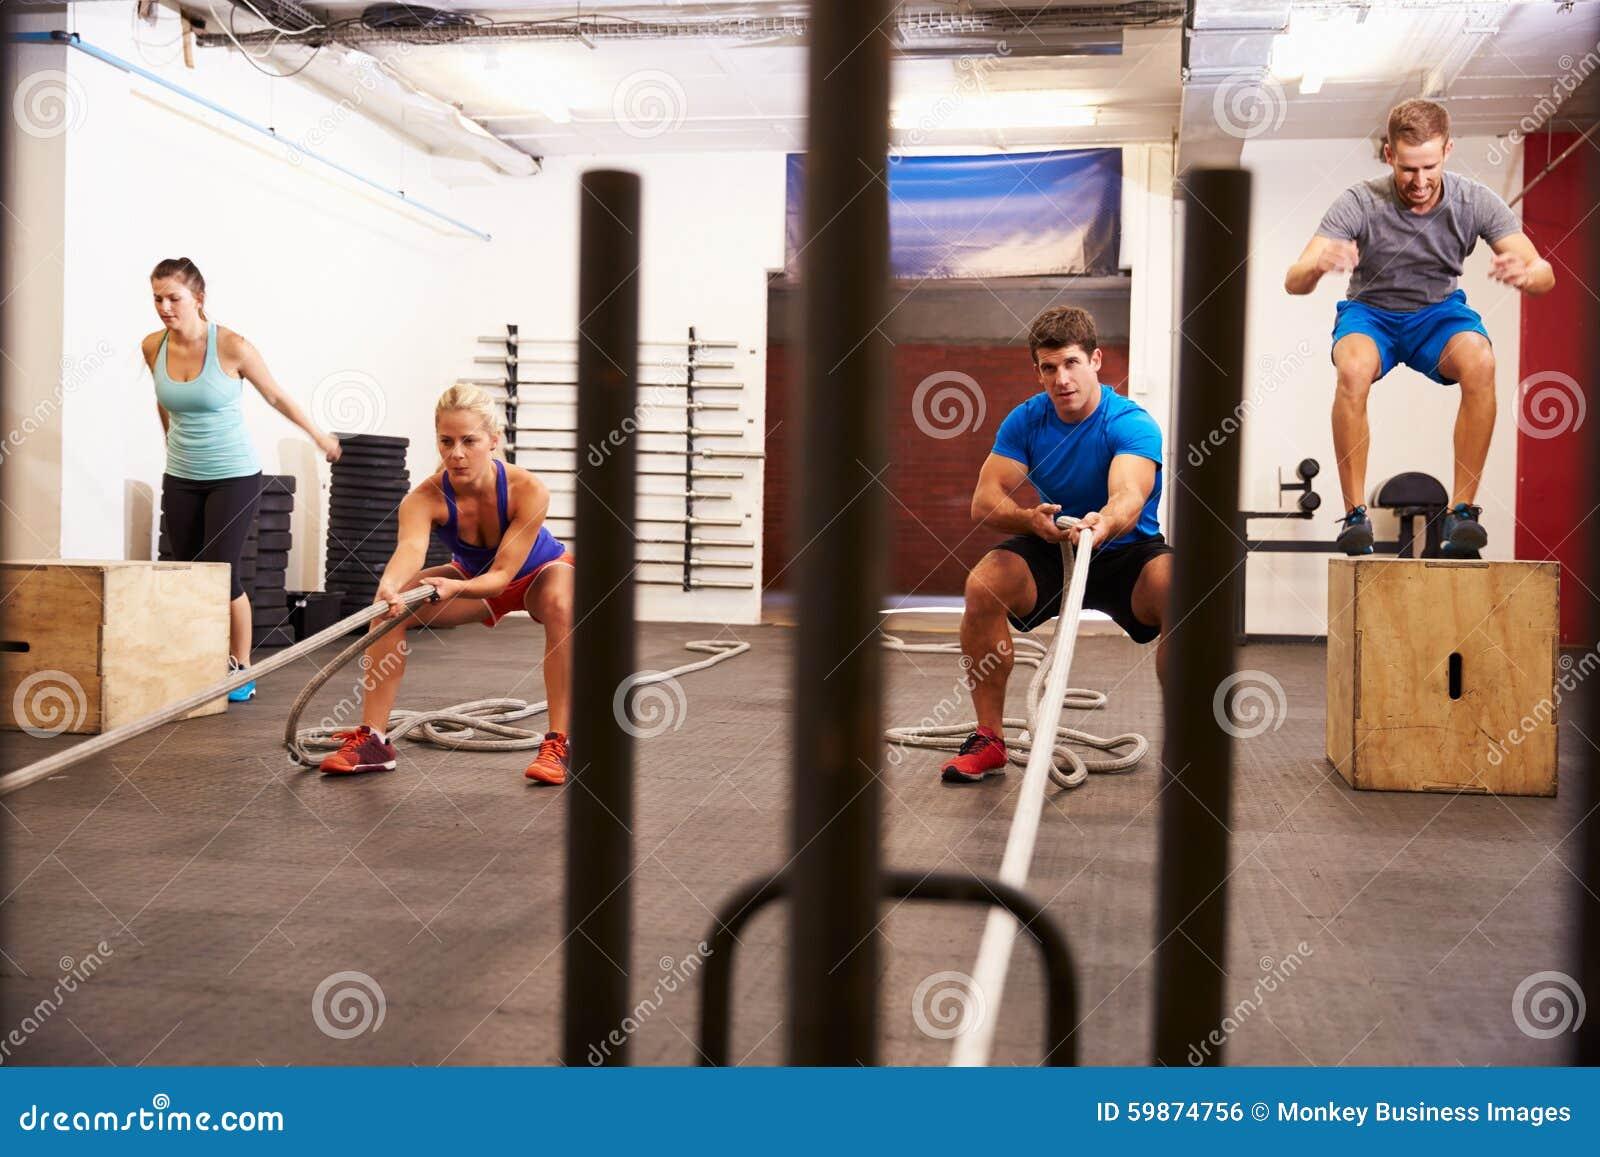 Circuito Gimnasio : Grupo de personas en el entrenamiento del circuito